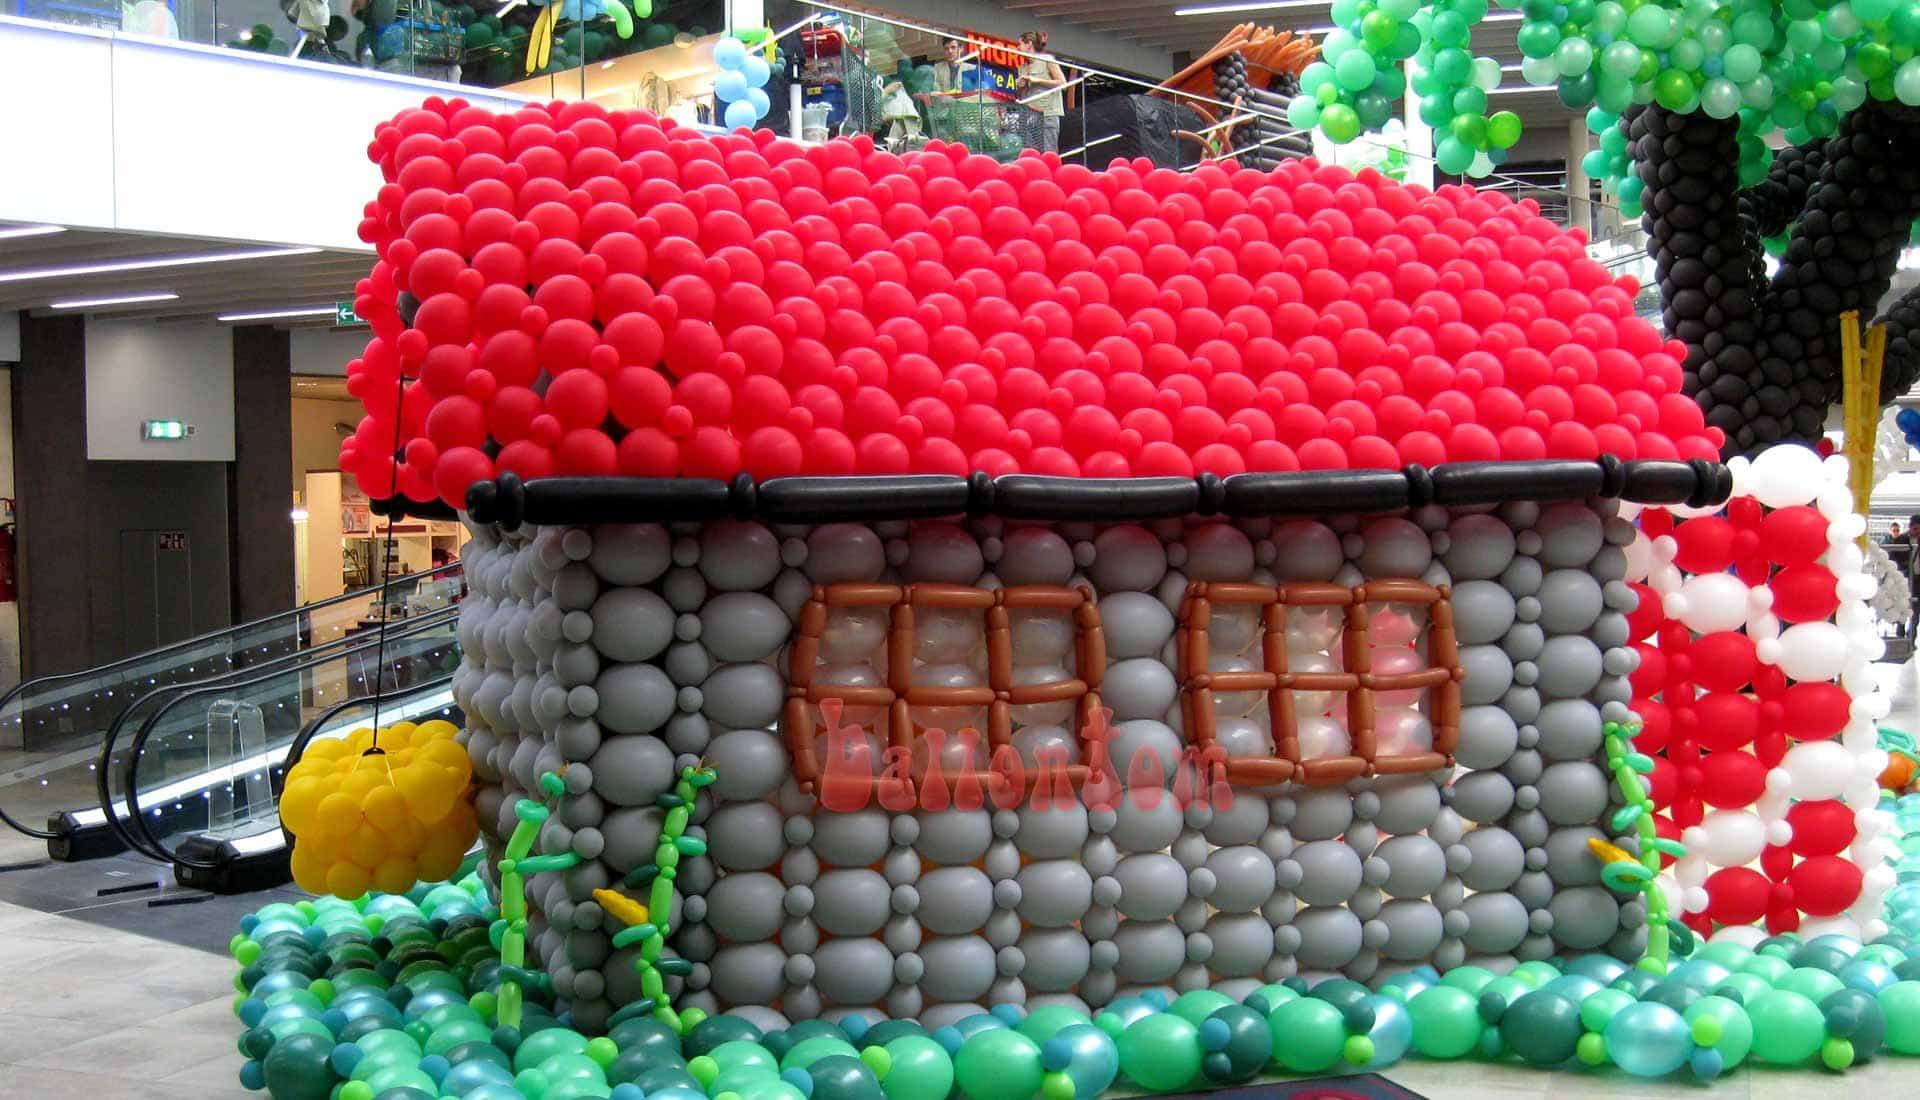 Ballonwelt Lausanne - Schweiz - Scheune - Projekt: Canniballoon Team Didier Dvorak - Unterstützt durch ballontom